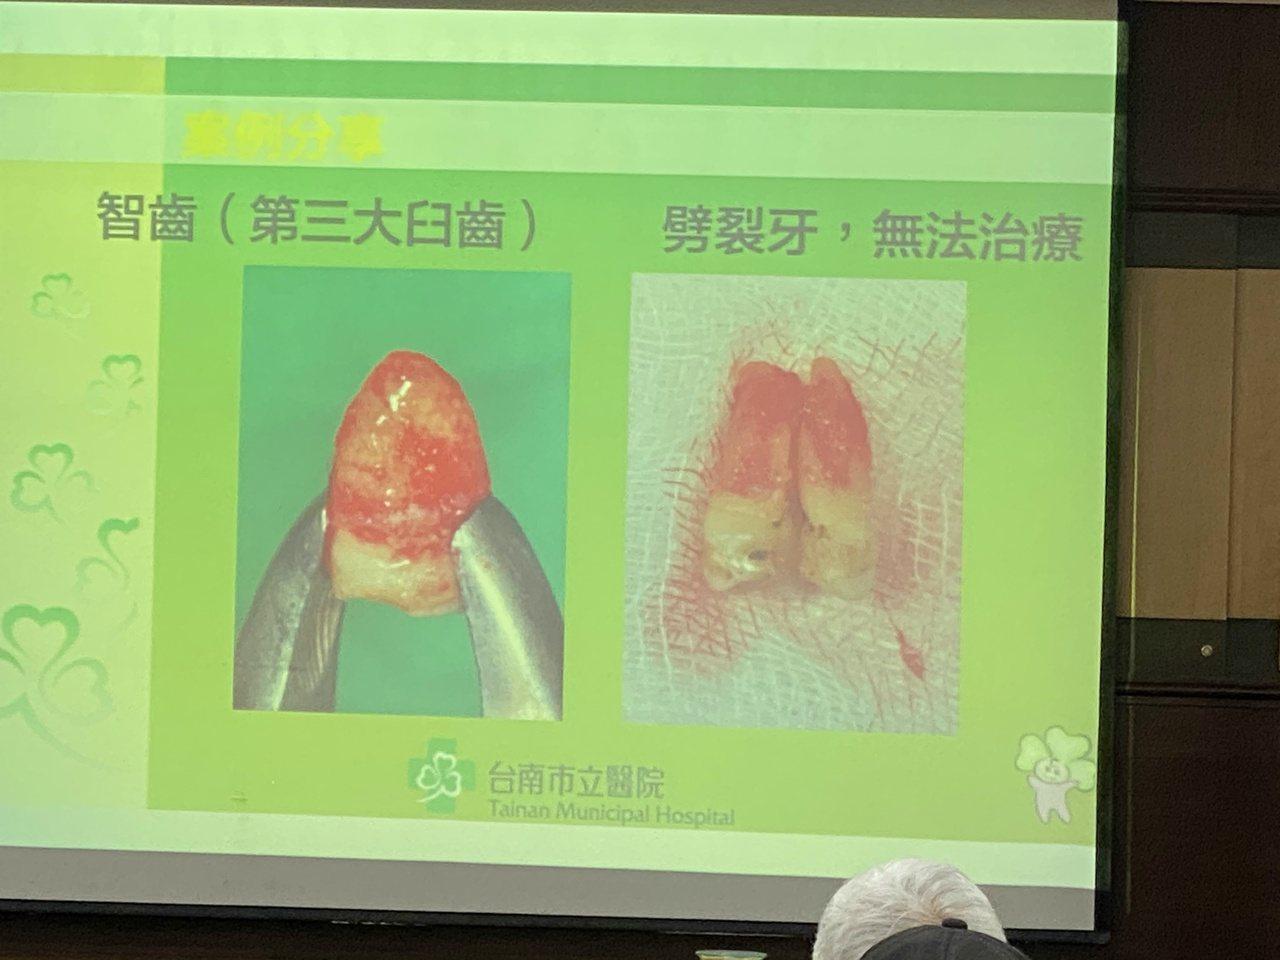 台南市立醫院牙醫師鍾瑞哲指出,缺牙患者條件若能配合,可考慮自體移植臼齒到缺牙窩洞...